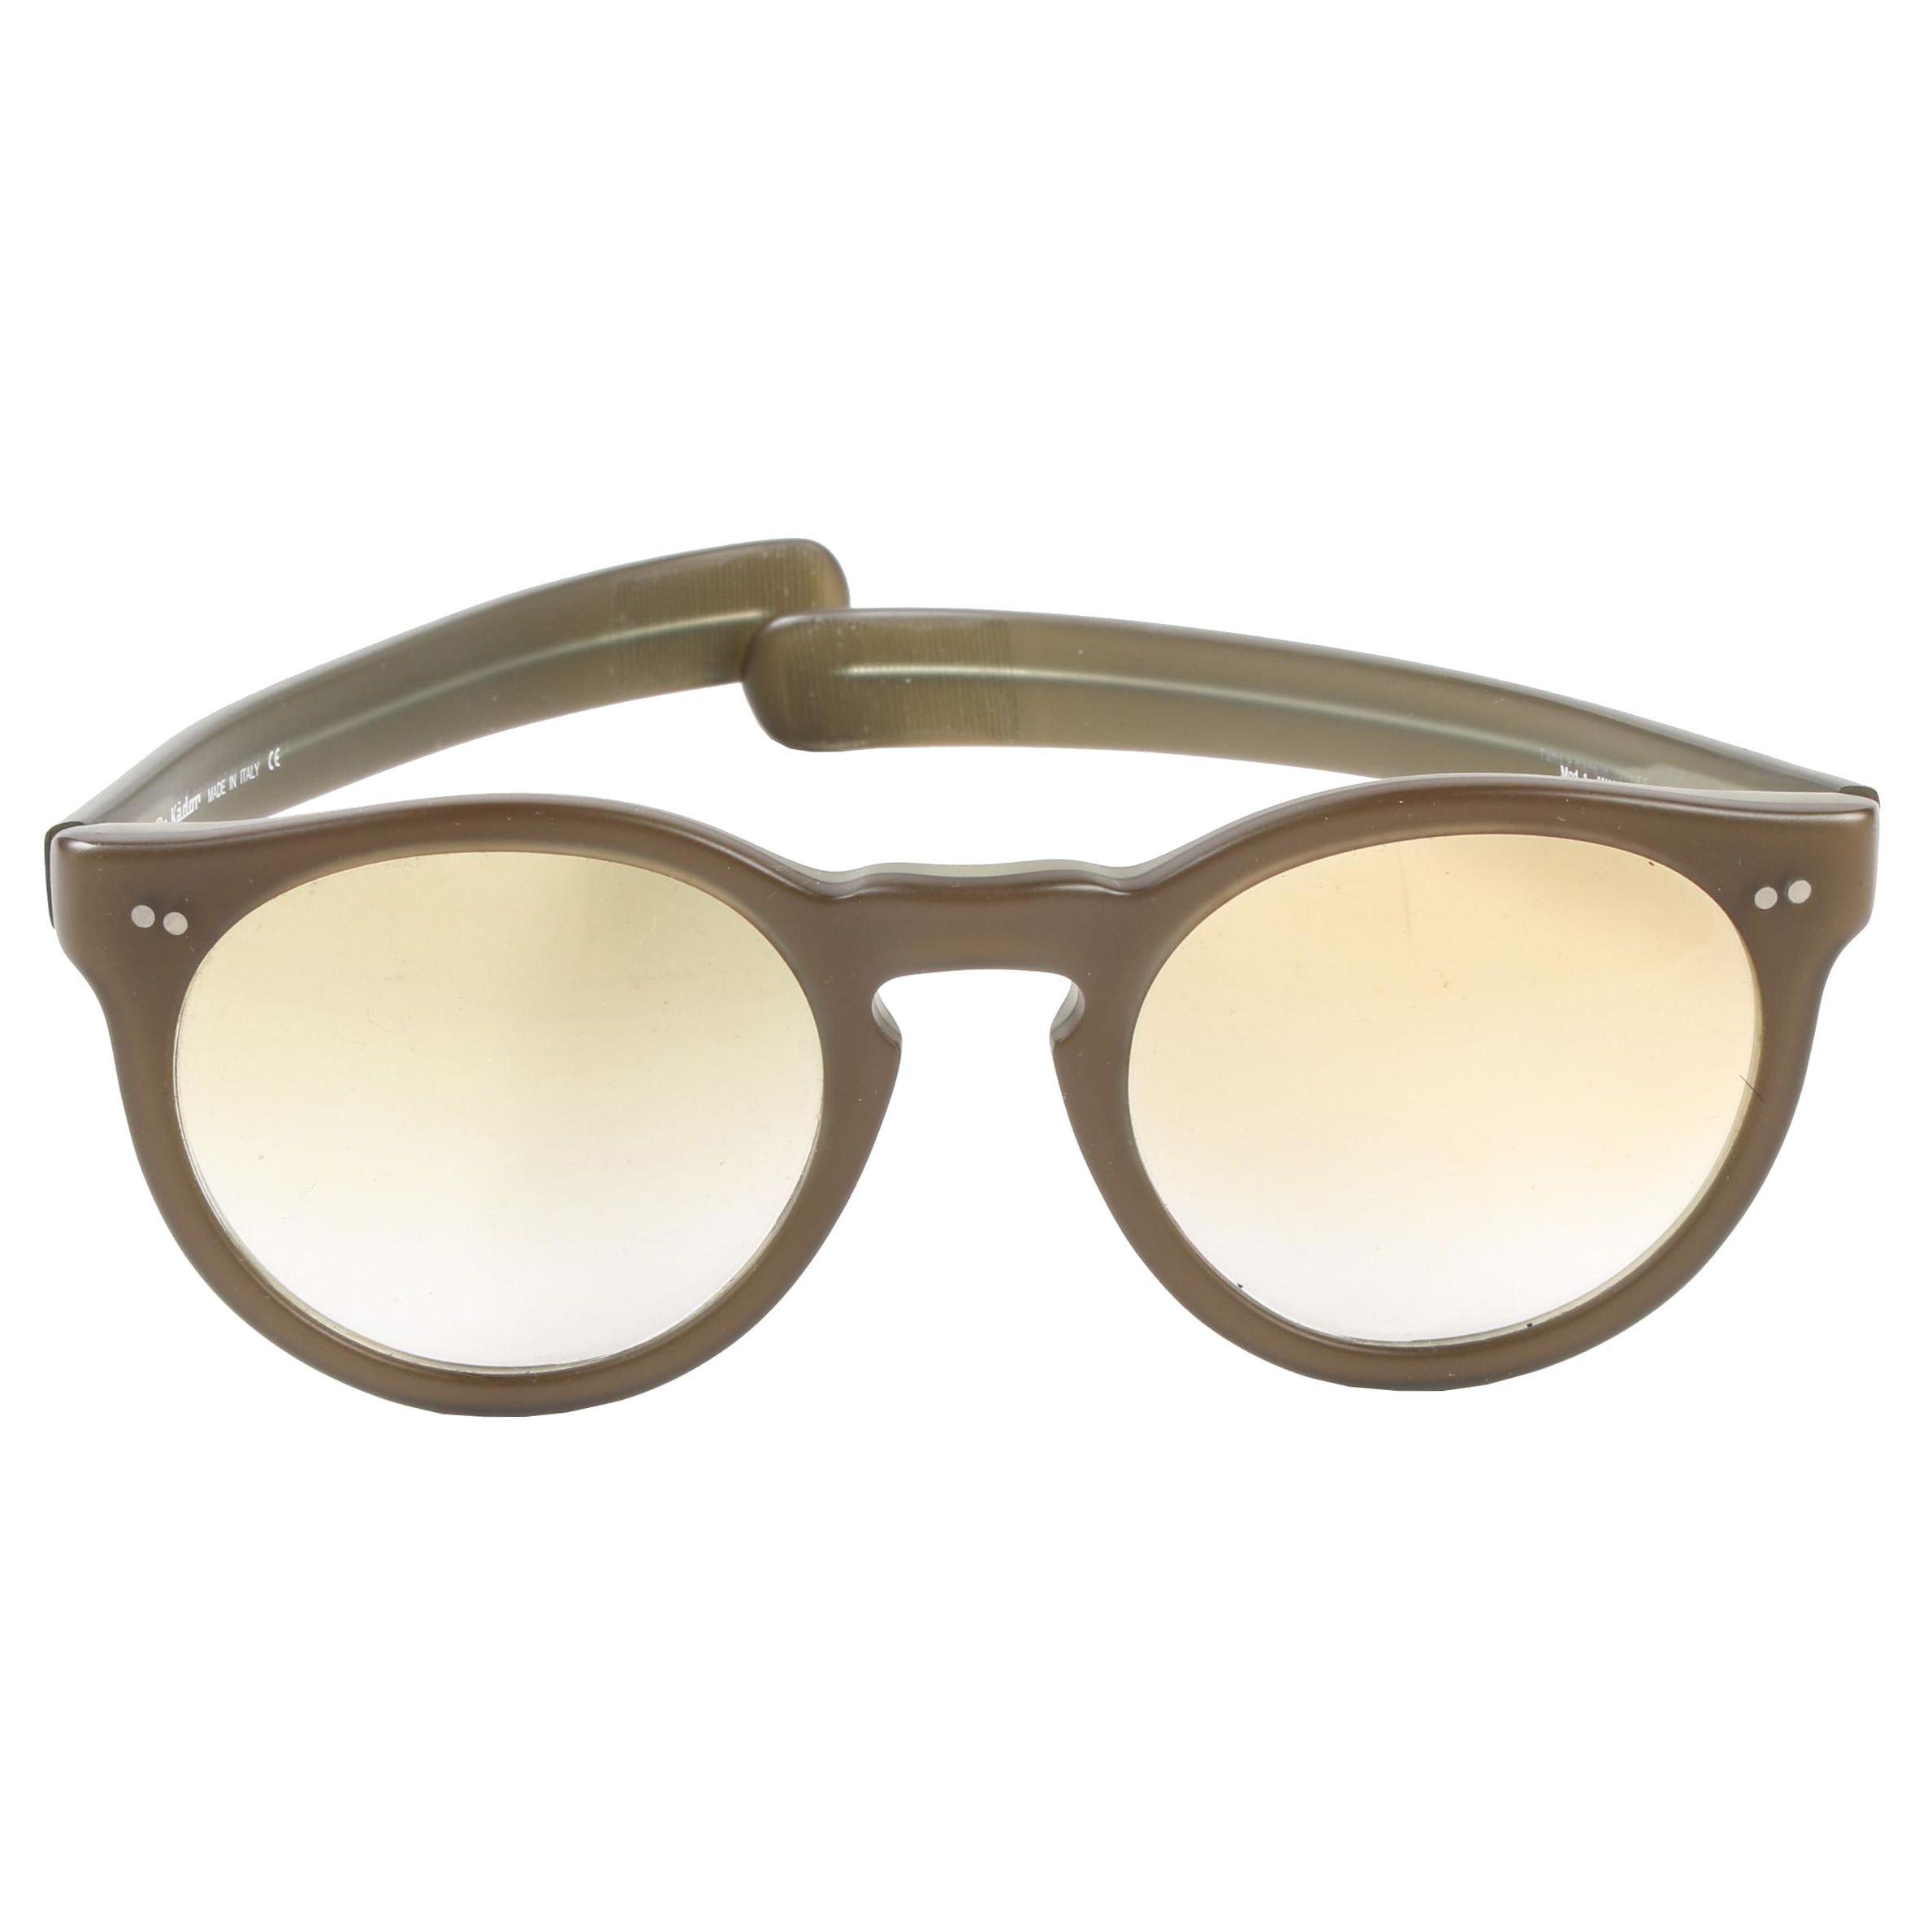 Kàdor M/1974 Round Prescription Sunglasses